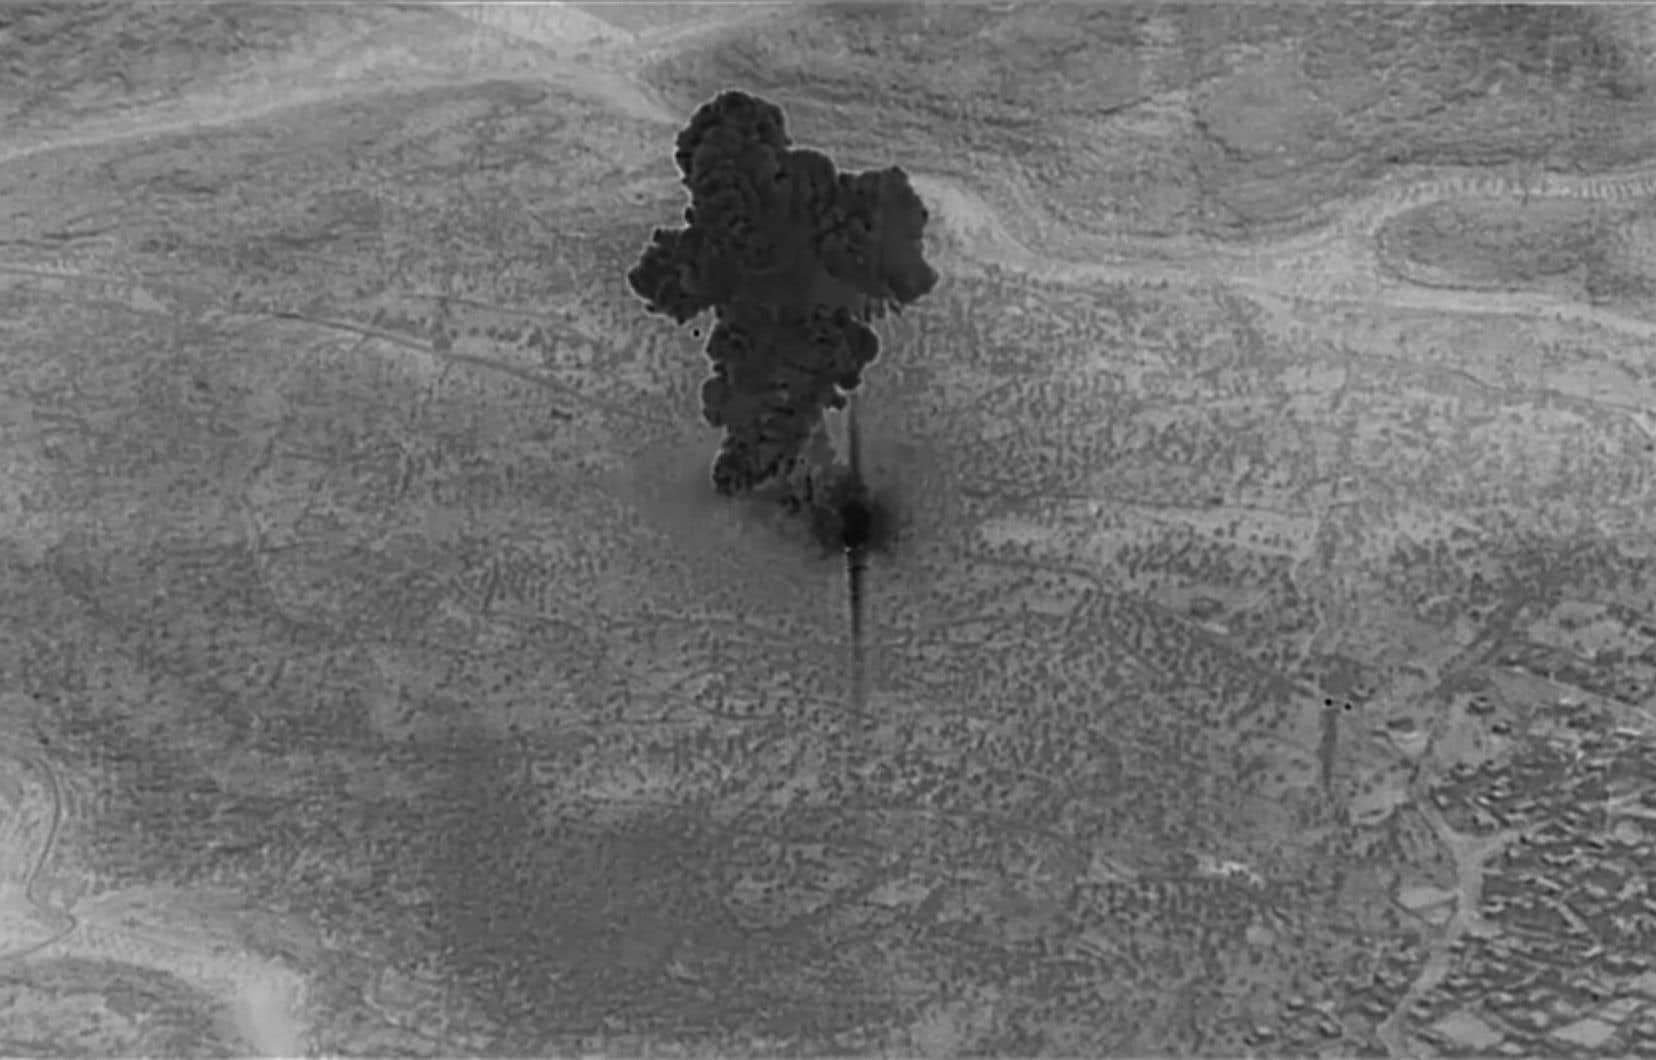 Le Pentagone a montré mercredi des images de l'opération militaire qui visait Abou Bakr al-Baghdadi, dont celle-ci montrant de la fumée qui s'élève du repaire du chef du groupe armé État islamique.